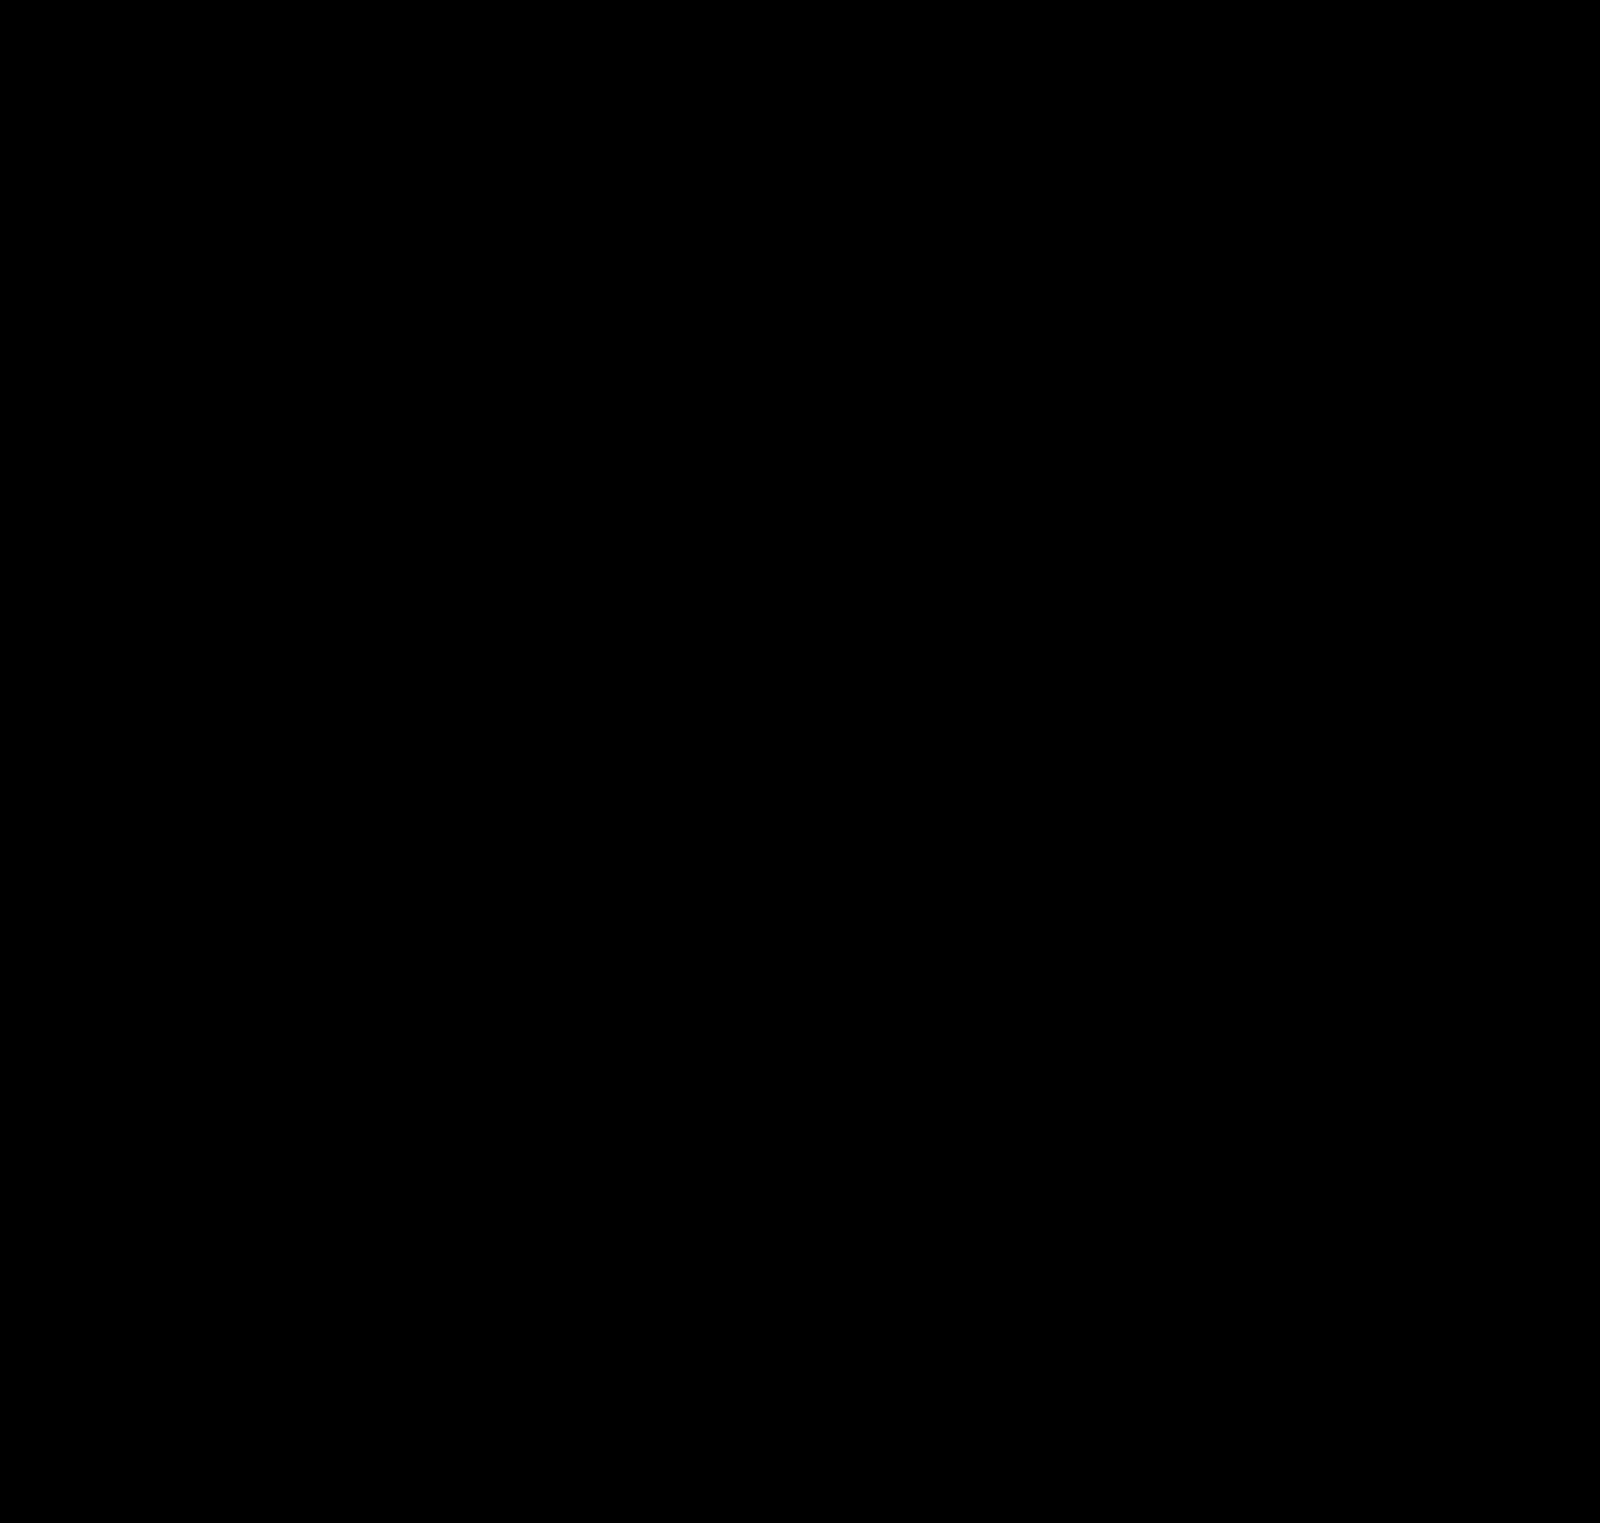 svg transparent Logo free on dumielauxepices. Scripture clipart